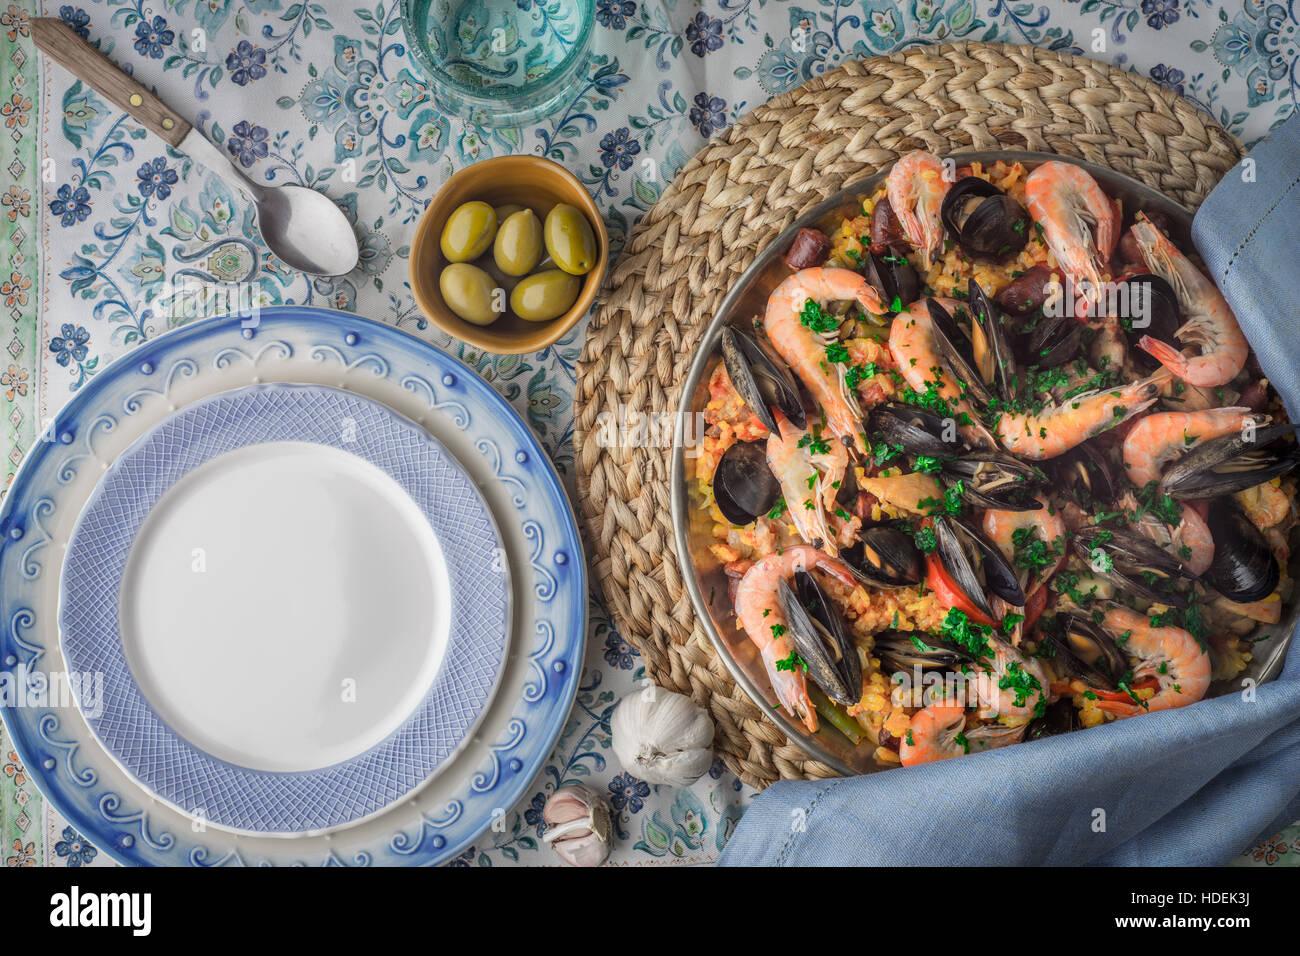 Paella en la placa metálica de la hermosa servilleta con vajilla vista superior Imagen De Stock